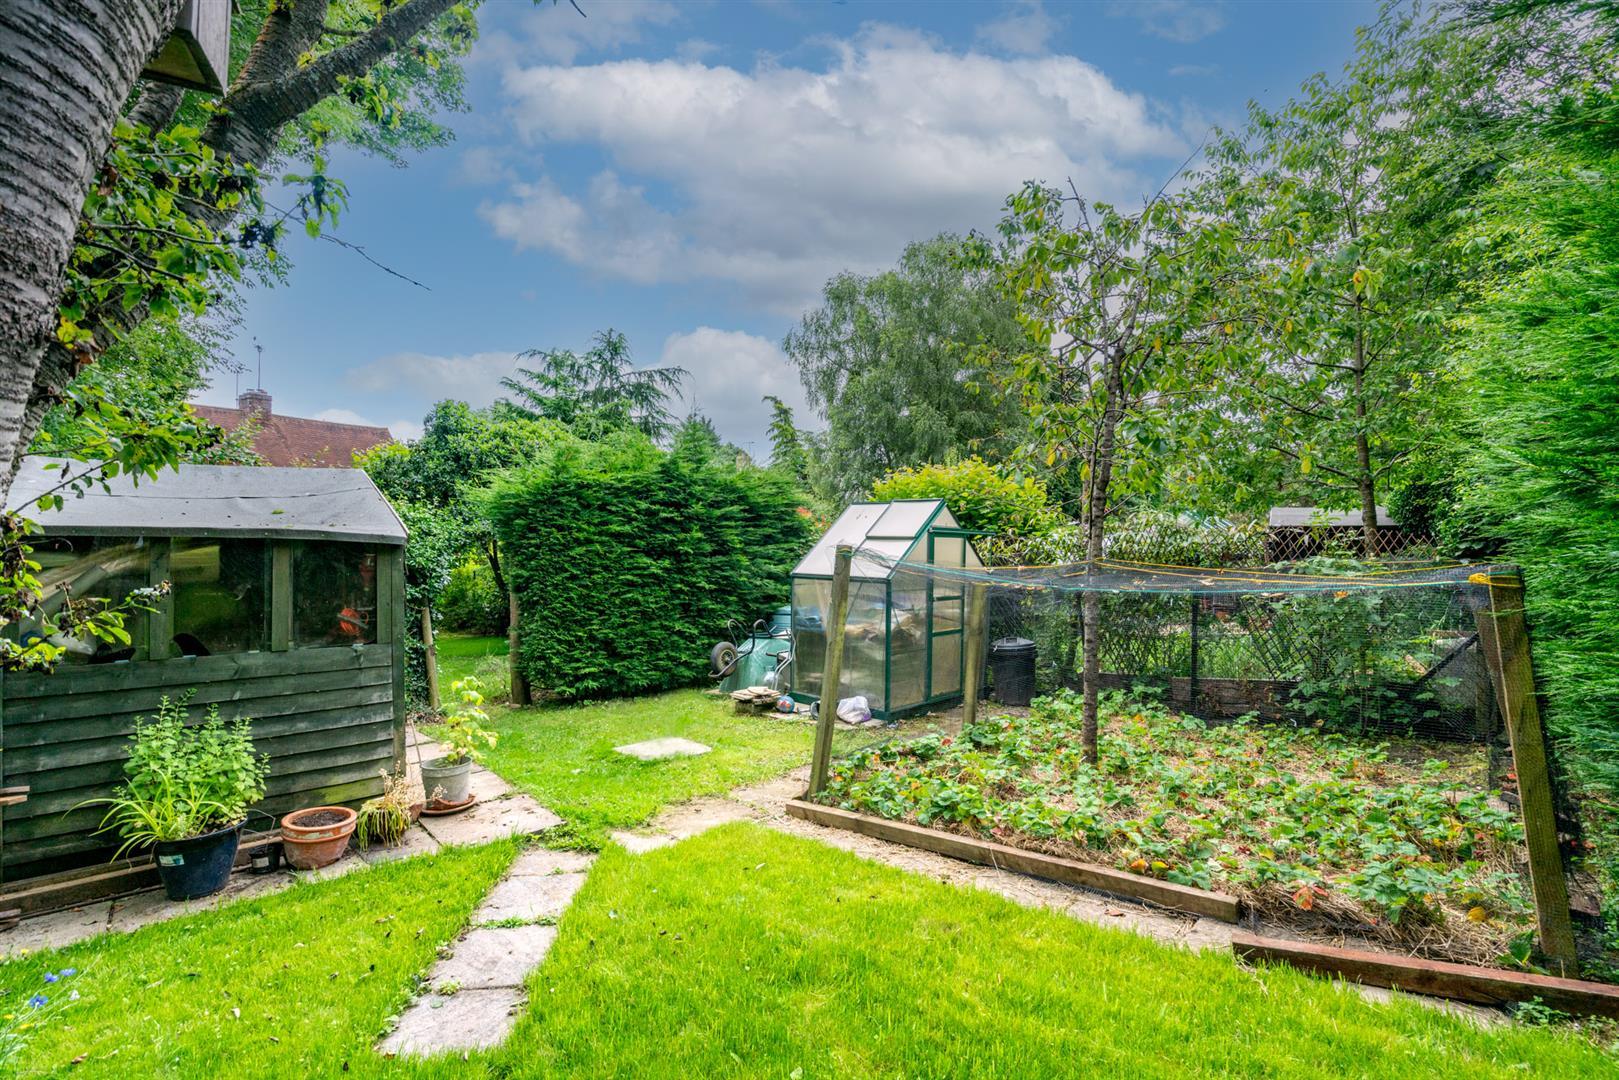 14-Chesham-Road-5 (1) - top garden veg plot.jpg